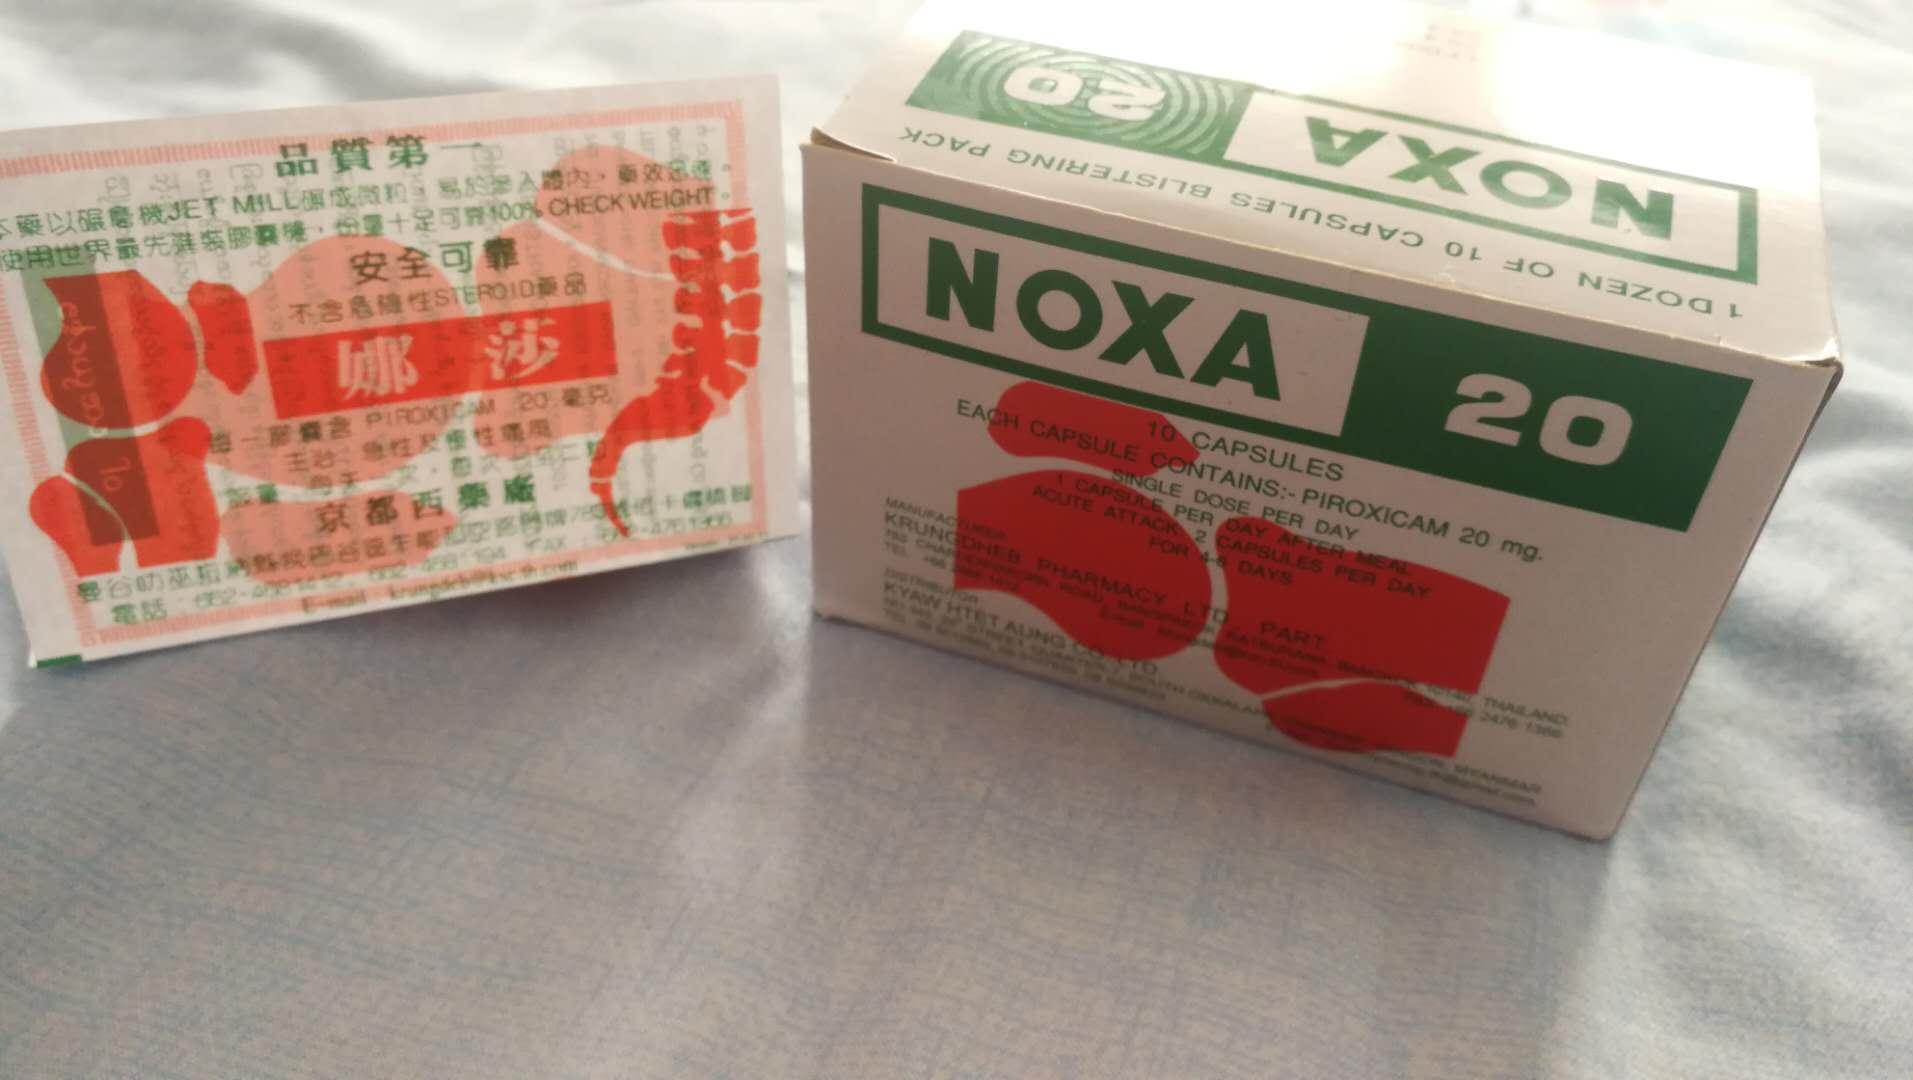 娜莎药有副作用吗?NOXA20副作用说明